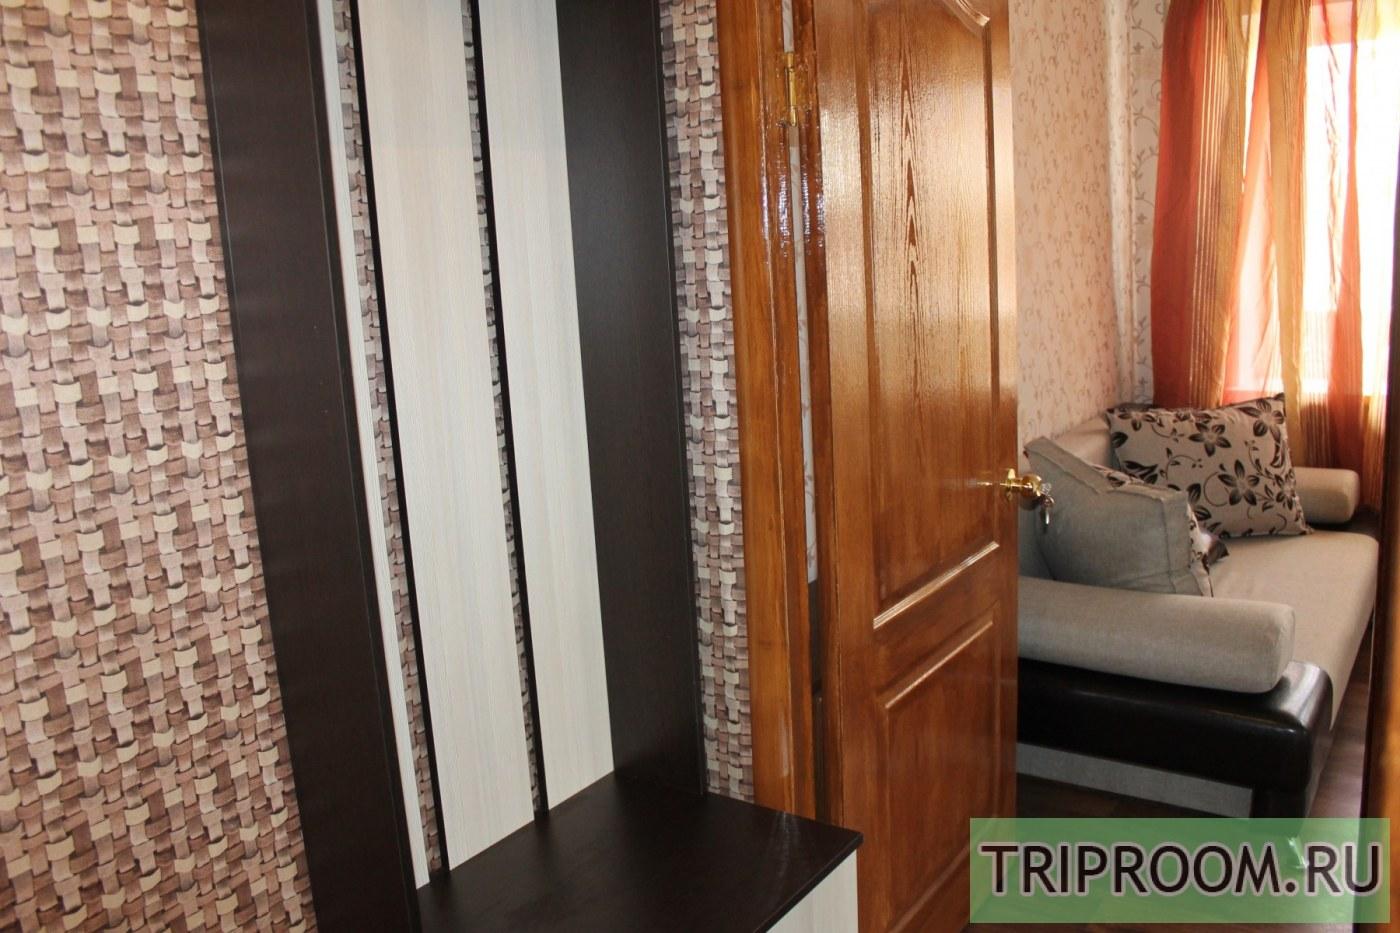 2-комнатная квартира посуточно (вариант № 40137), ул. Новоузенская улица, фото № 8